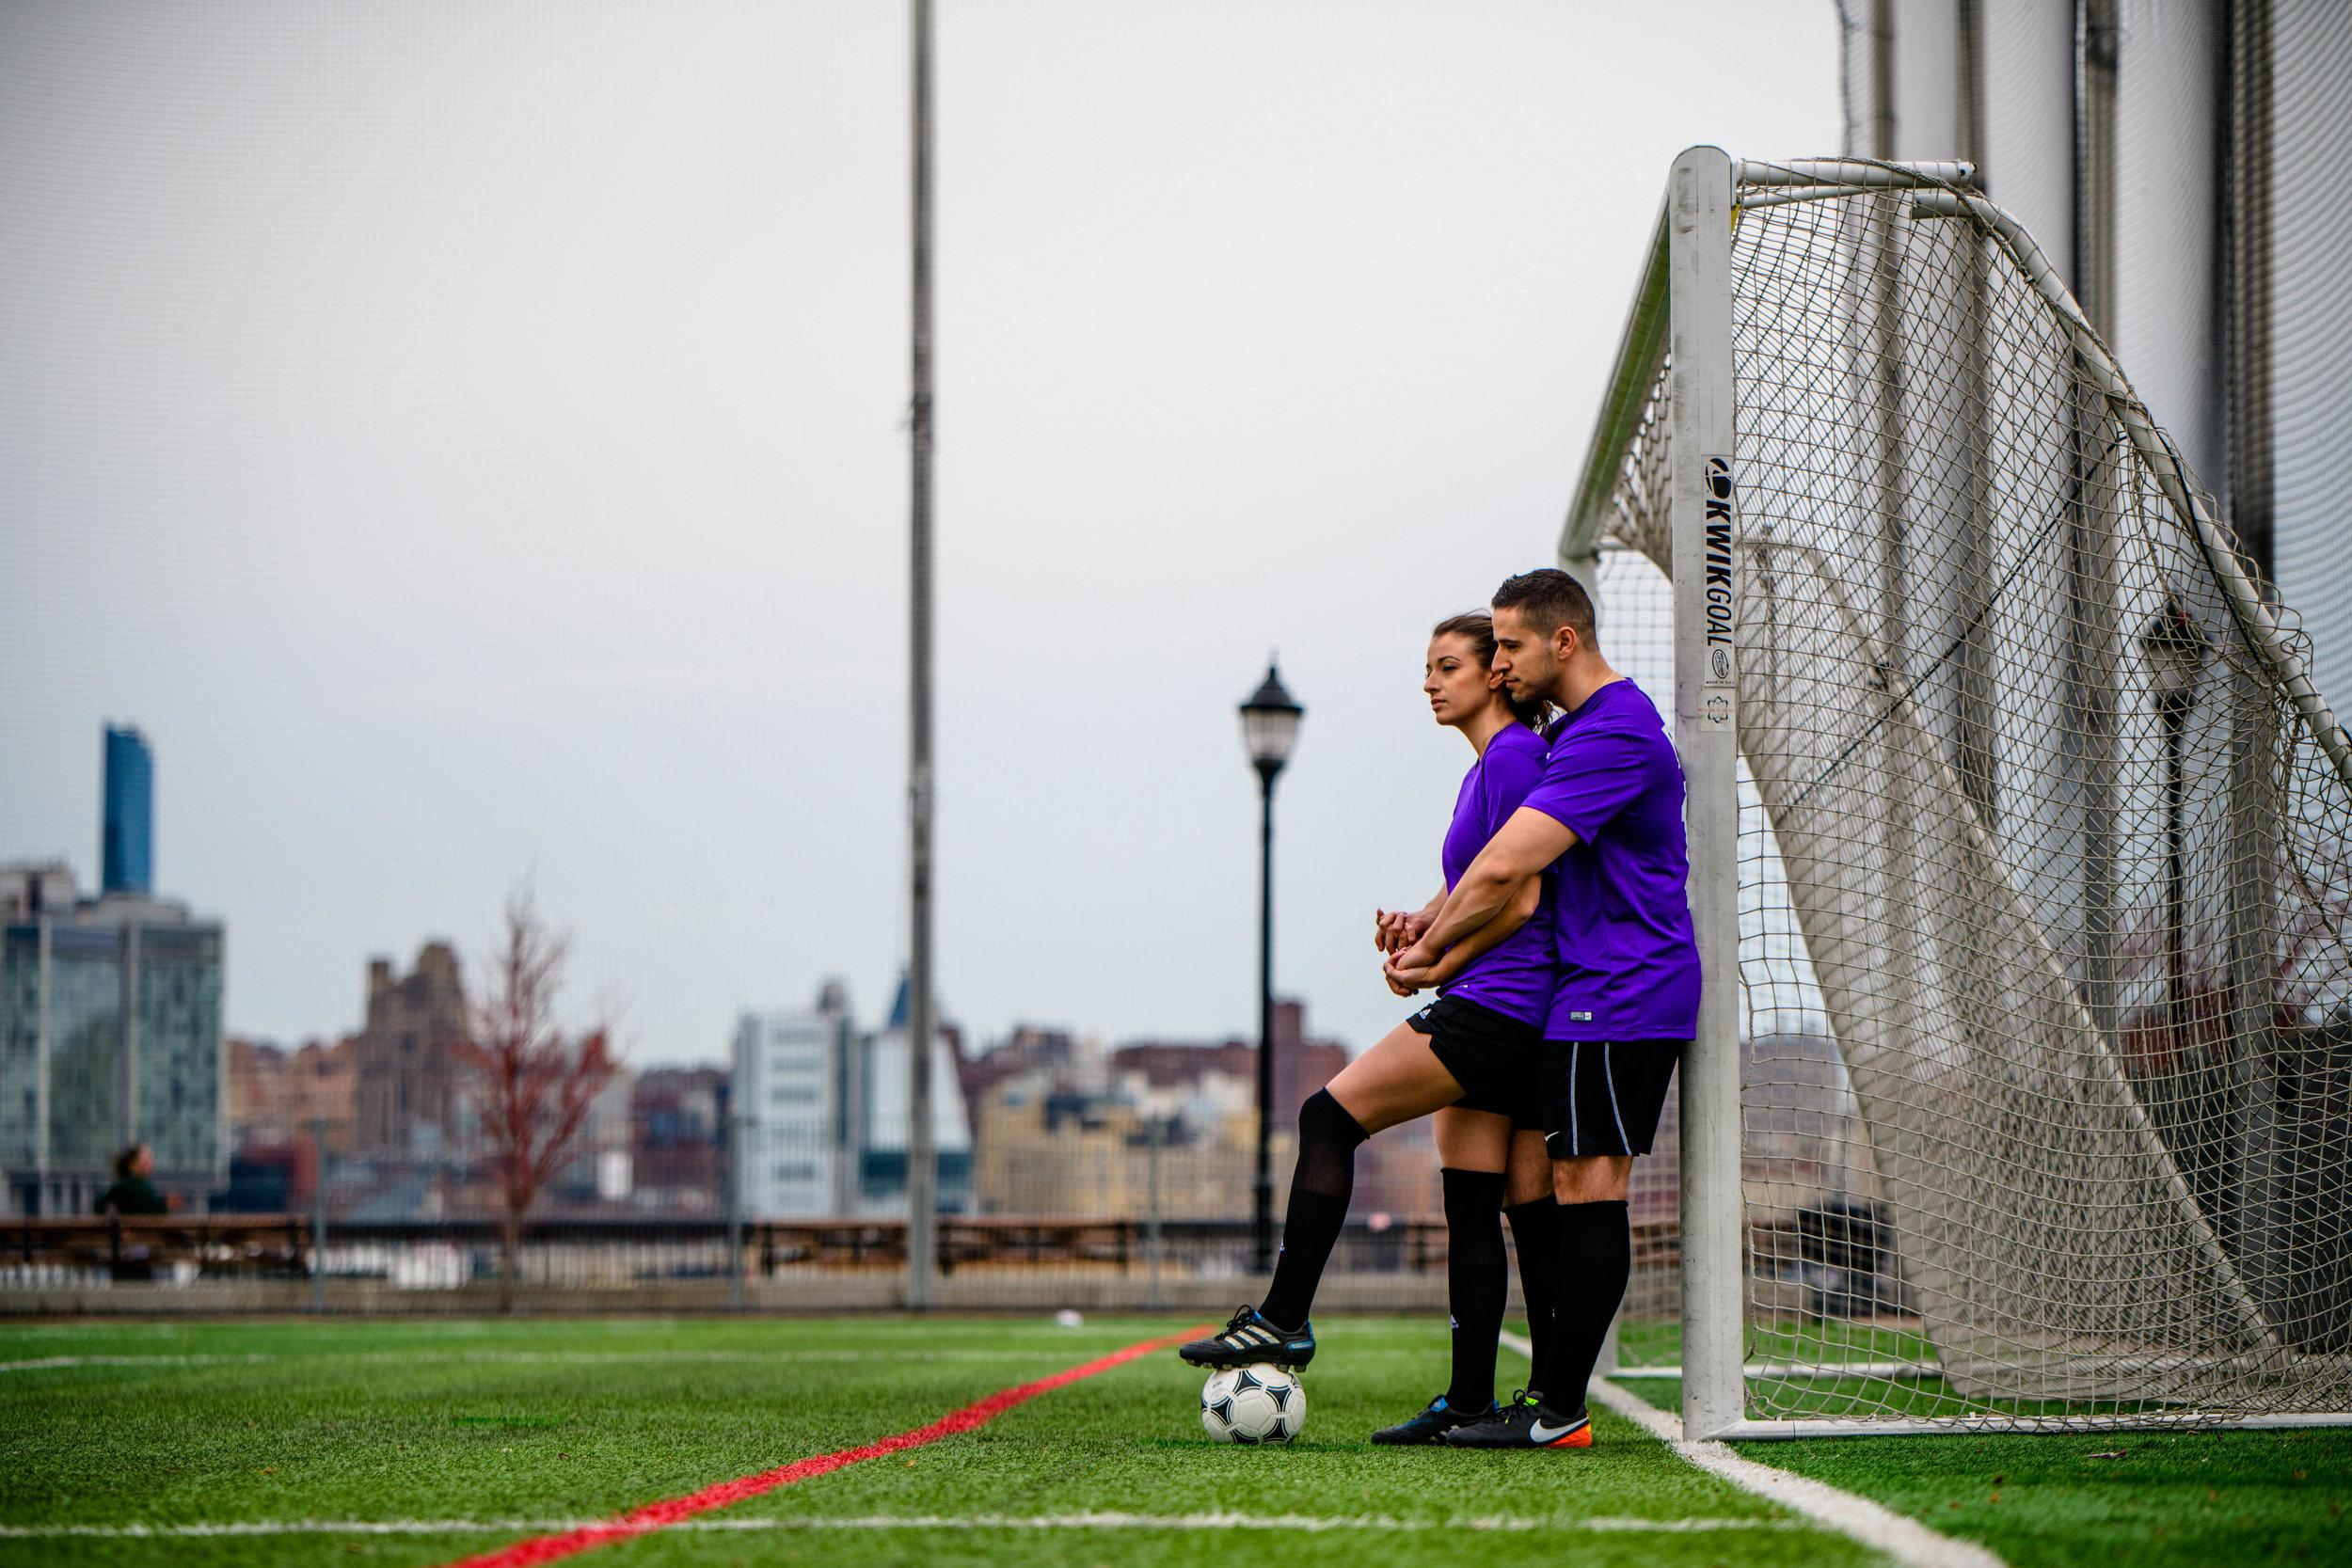 hoboken nj new jersey engagement session soccer